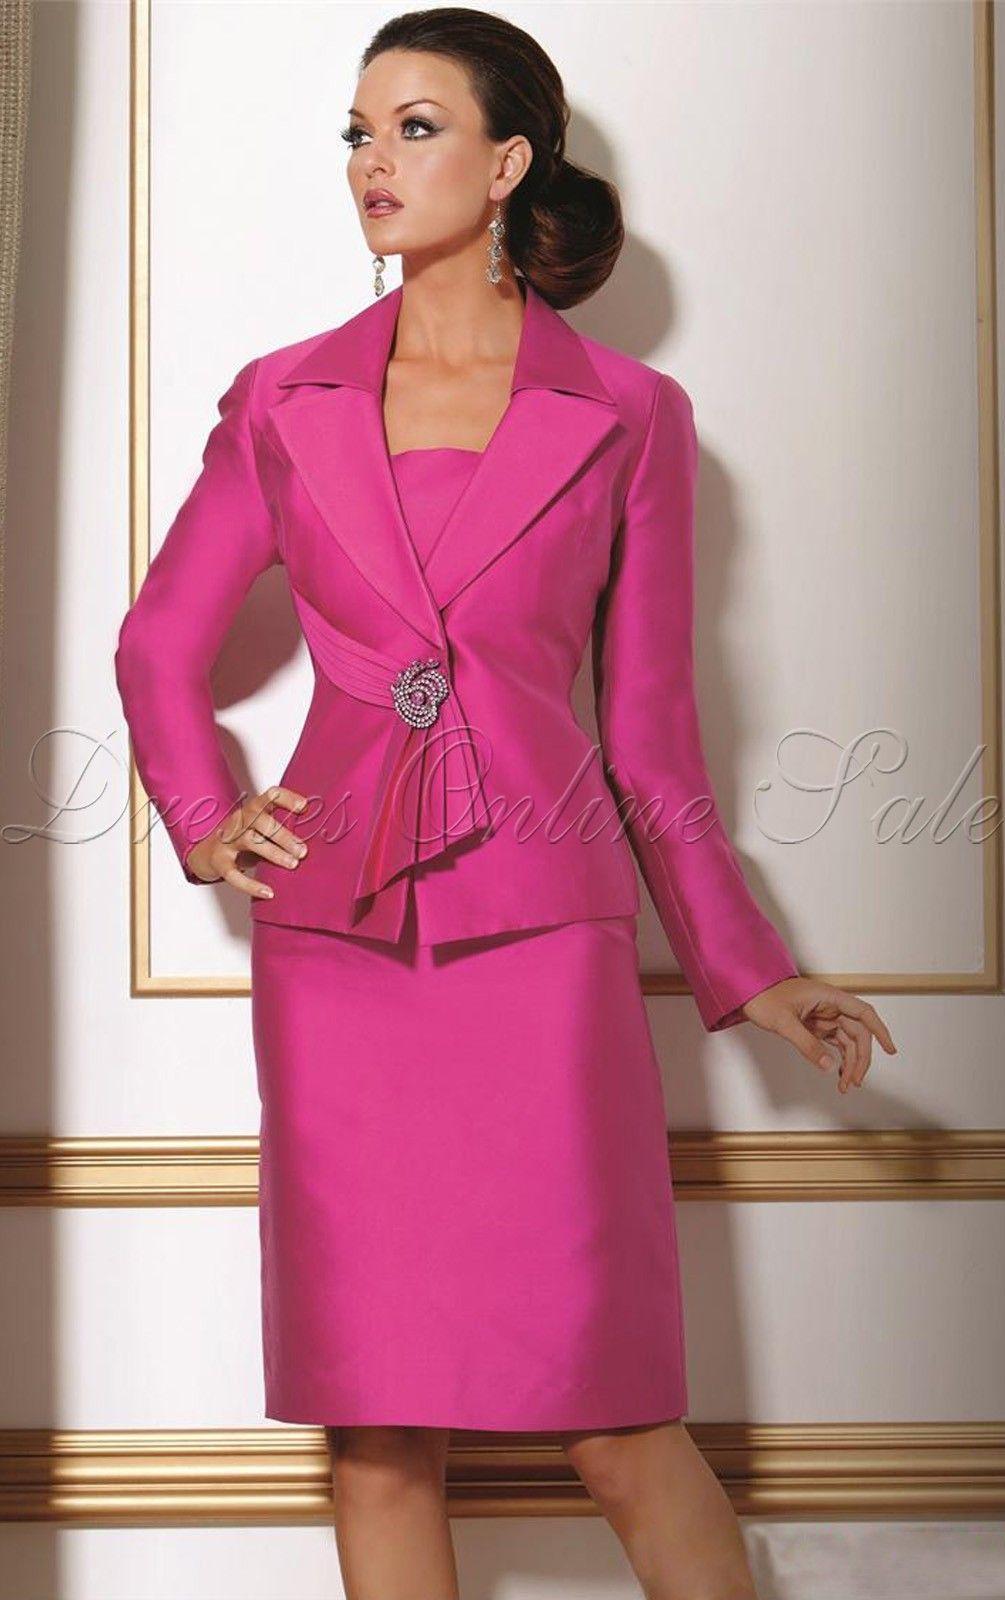 AU$117 - Hot Sheath Knee-length Square Fuchsia Satin Dress ...